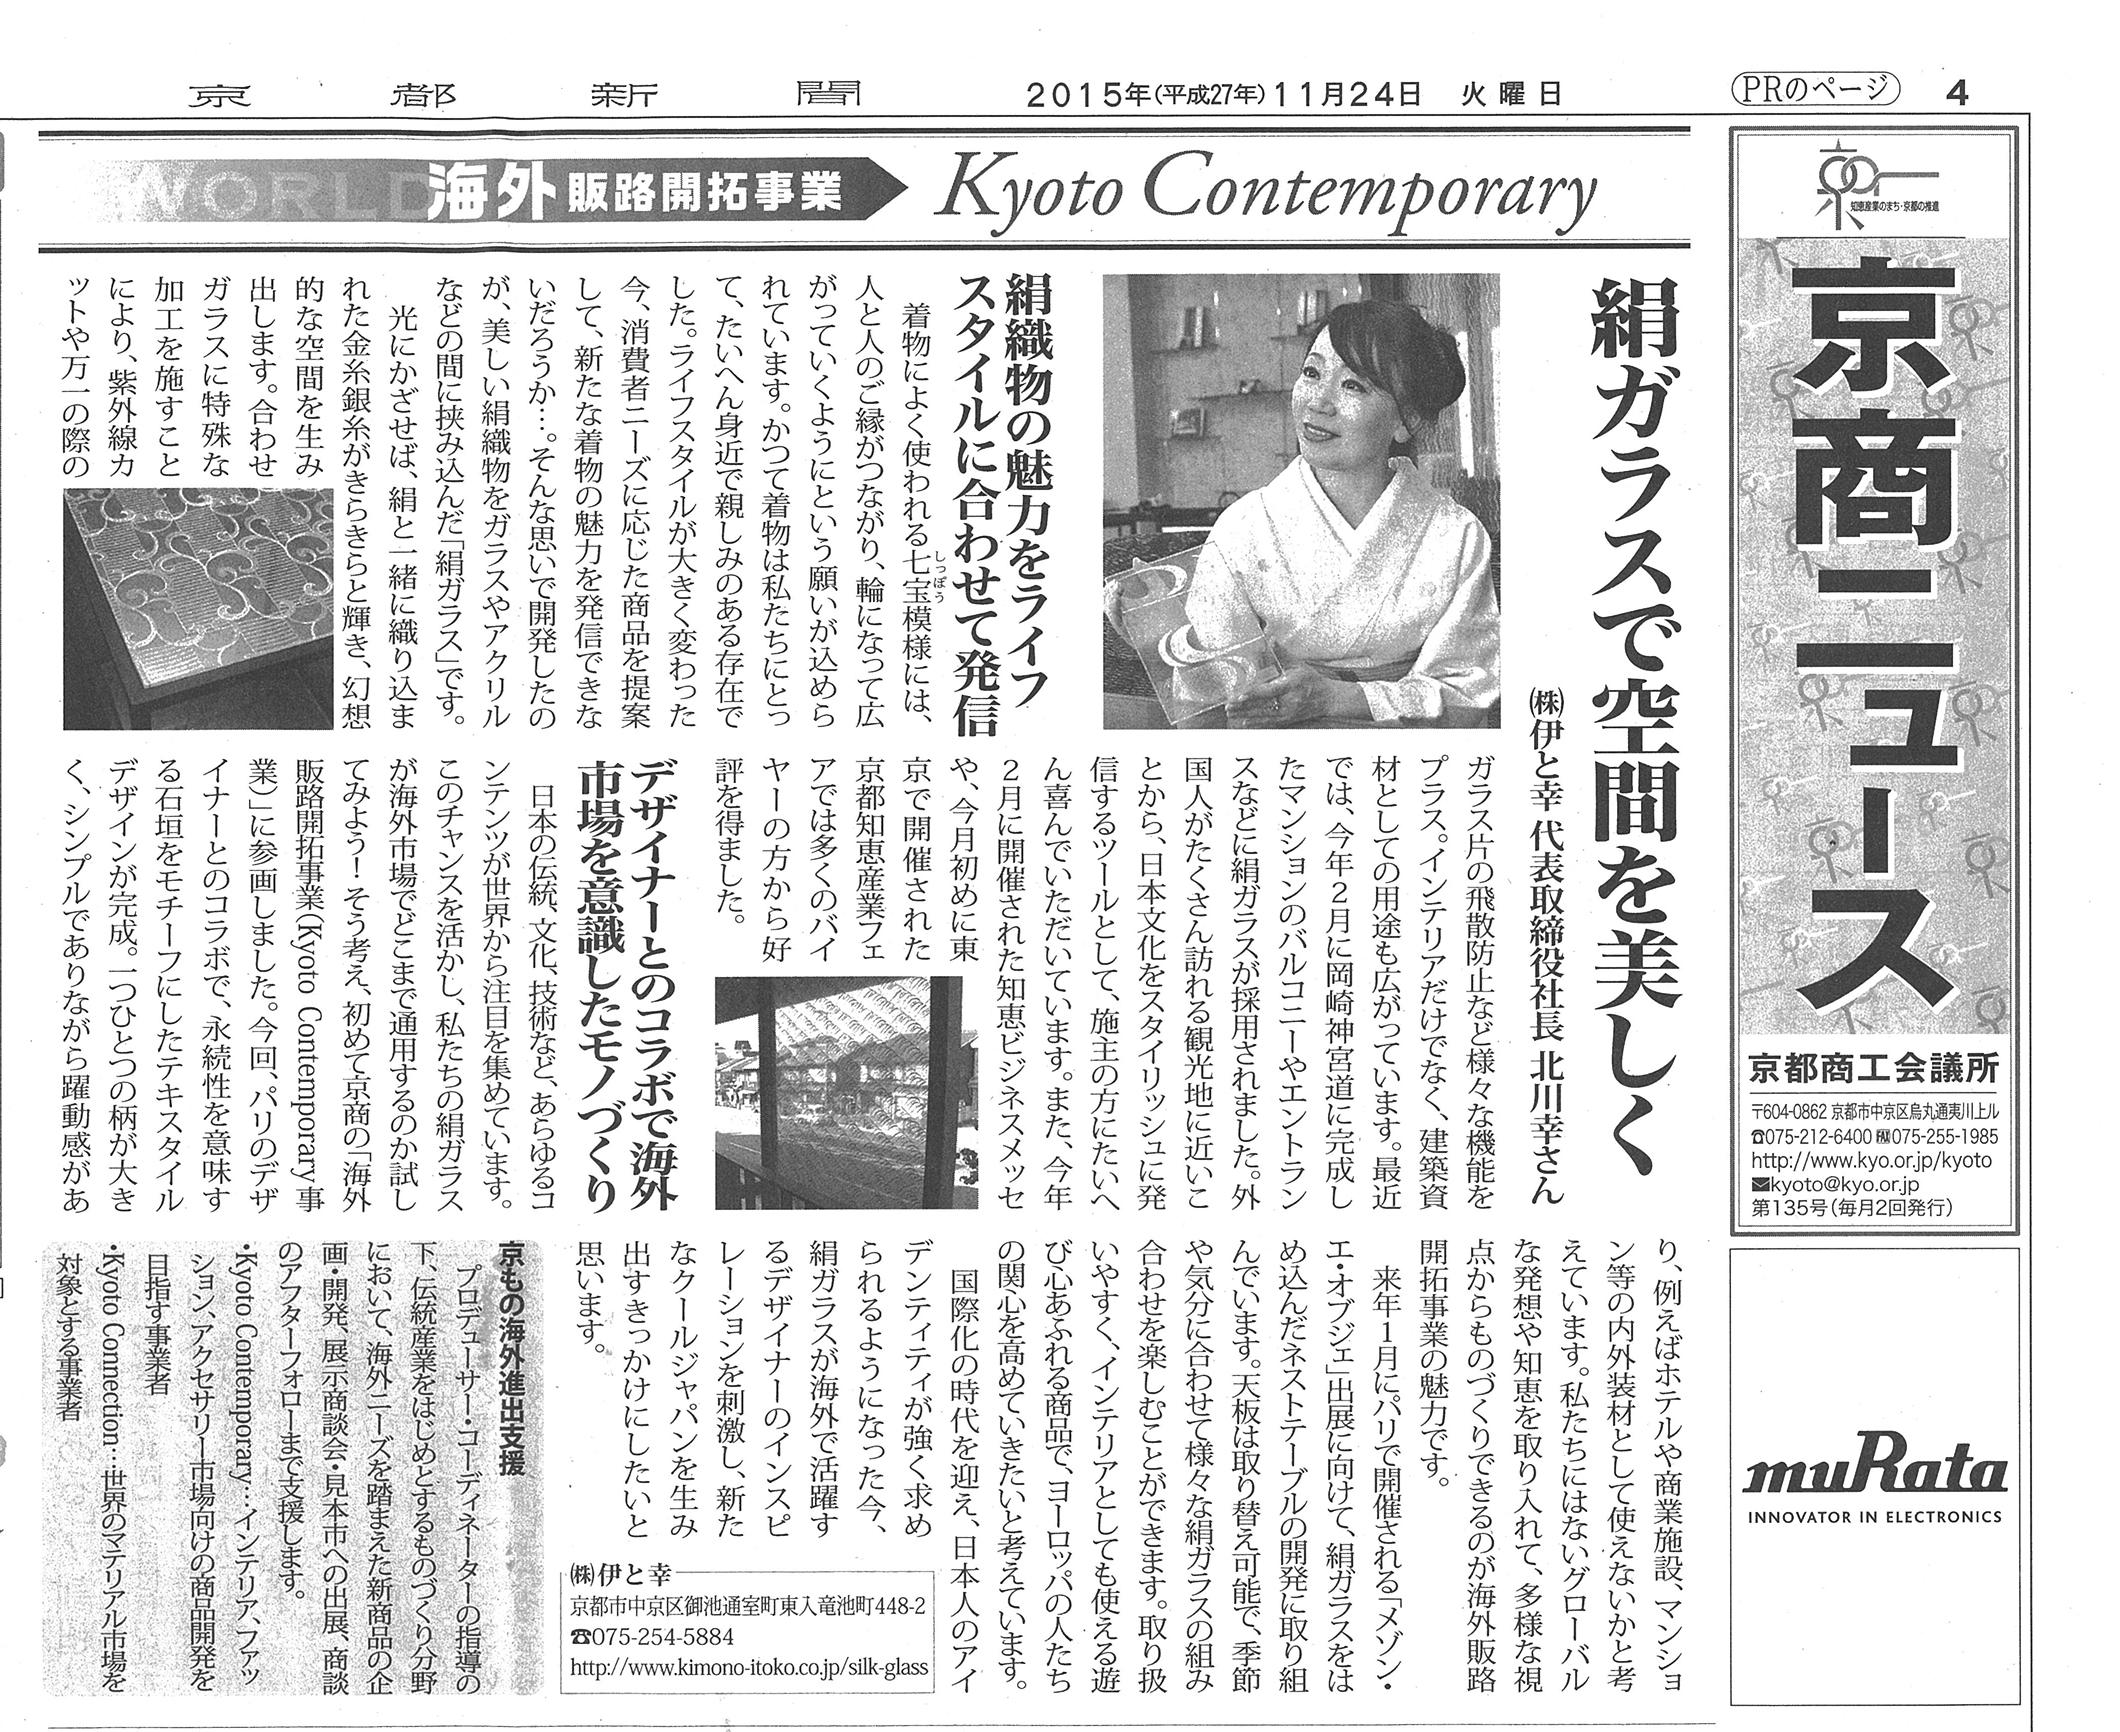 11/24の京都新聞「京商ニュース」に伊と幸様の取り組みが掲載されました。